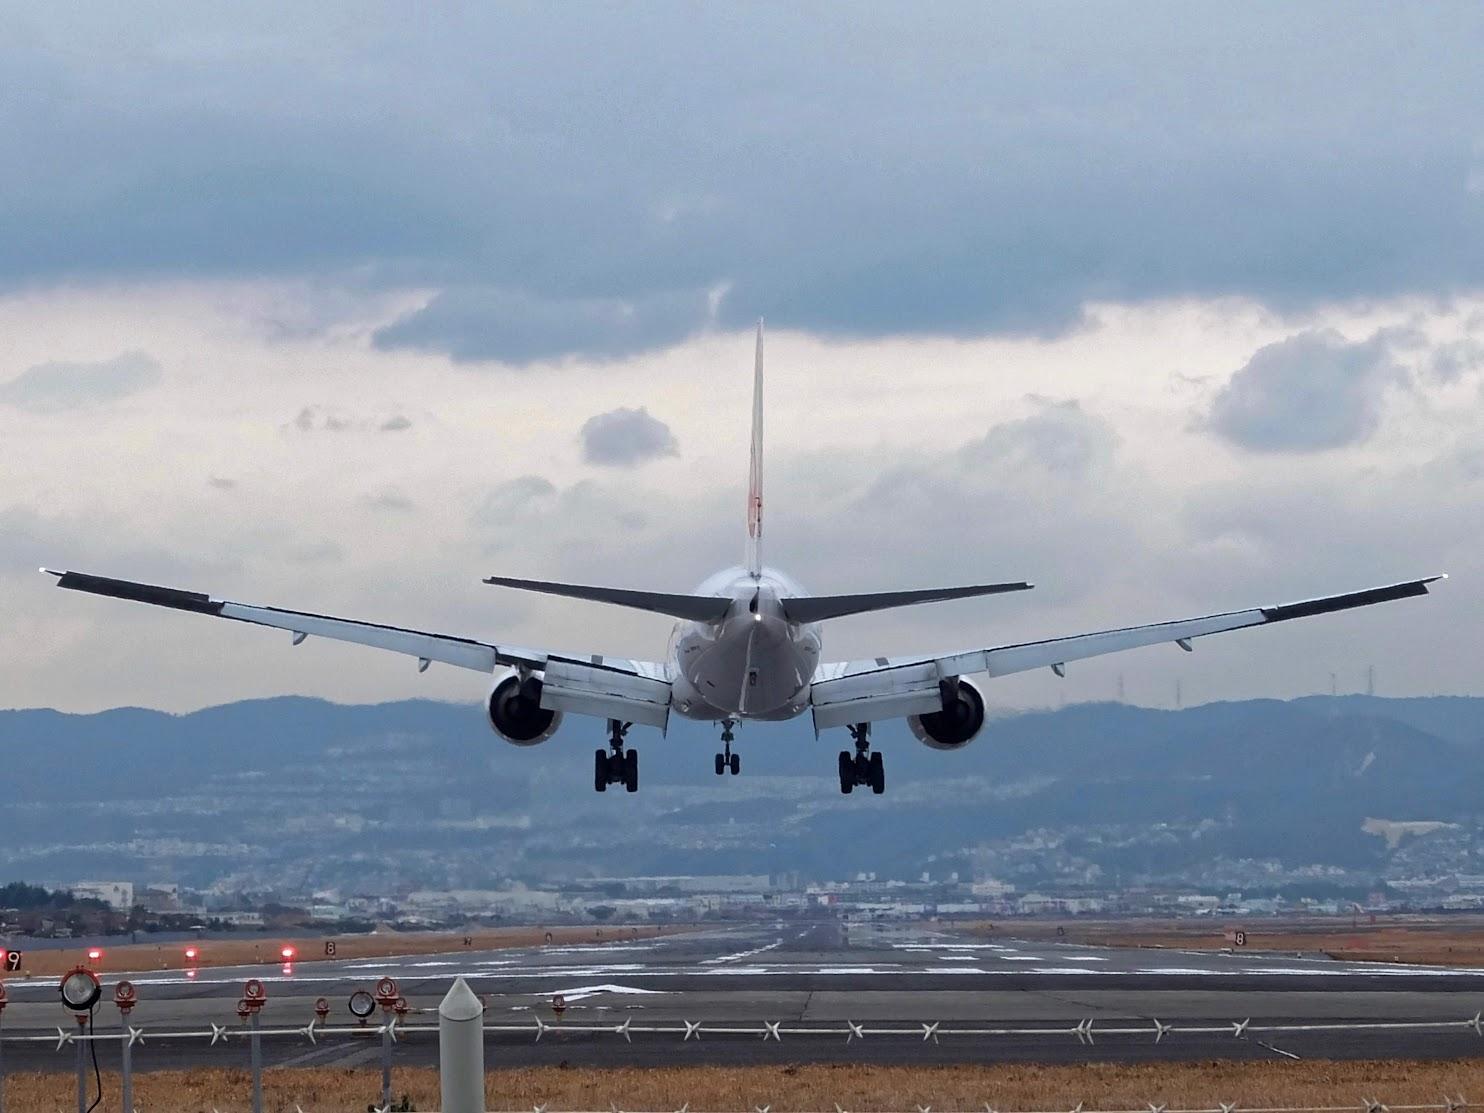 Boeing 777-300 Landing at Osaka International Airport